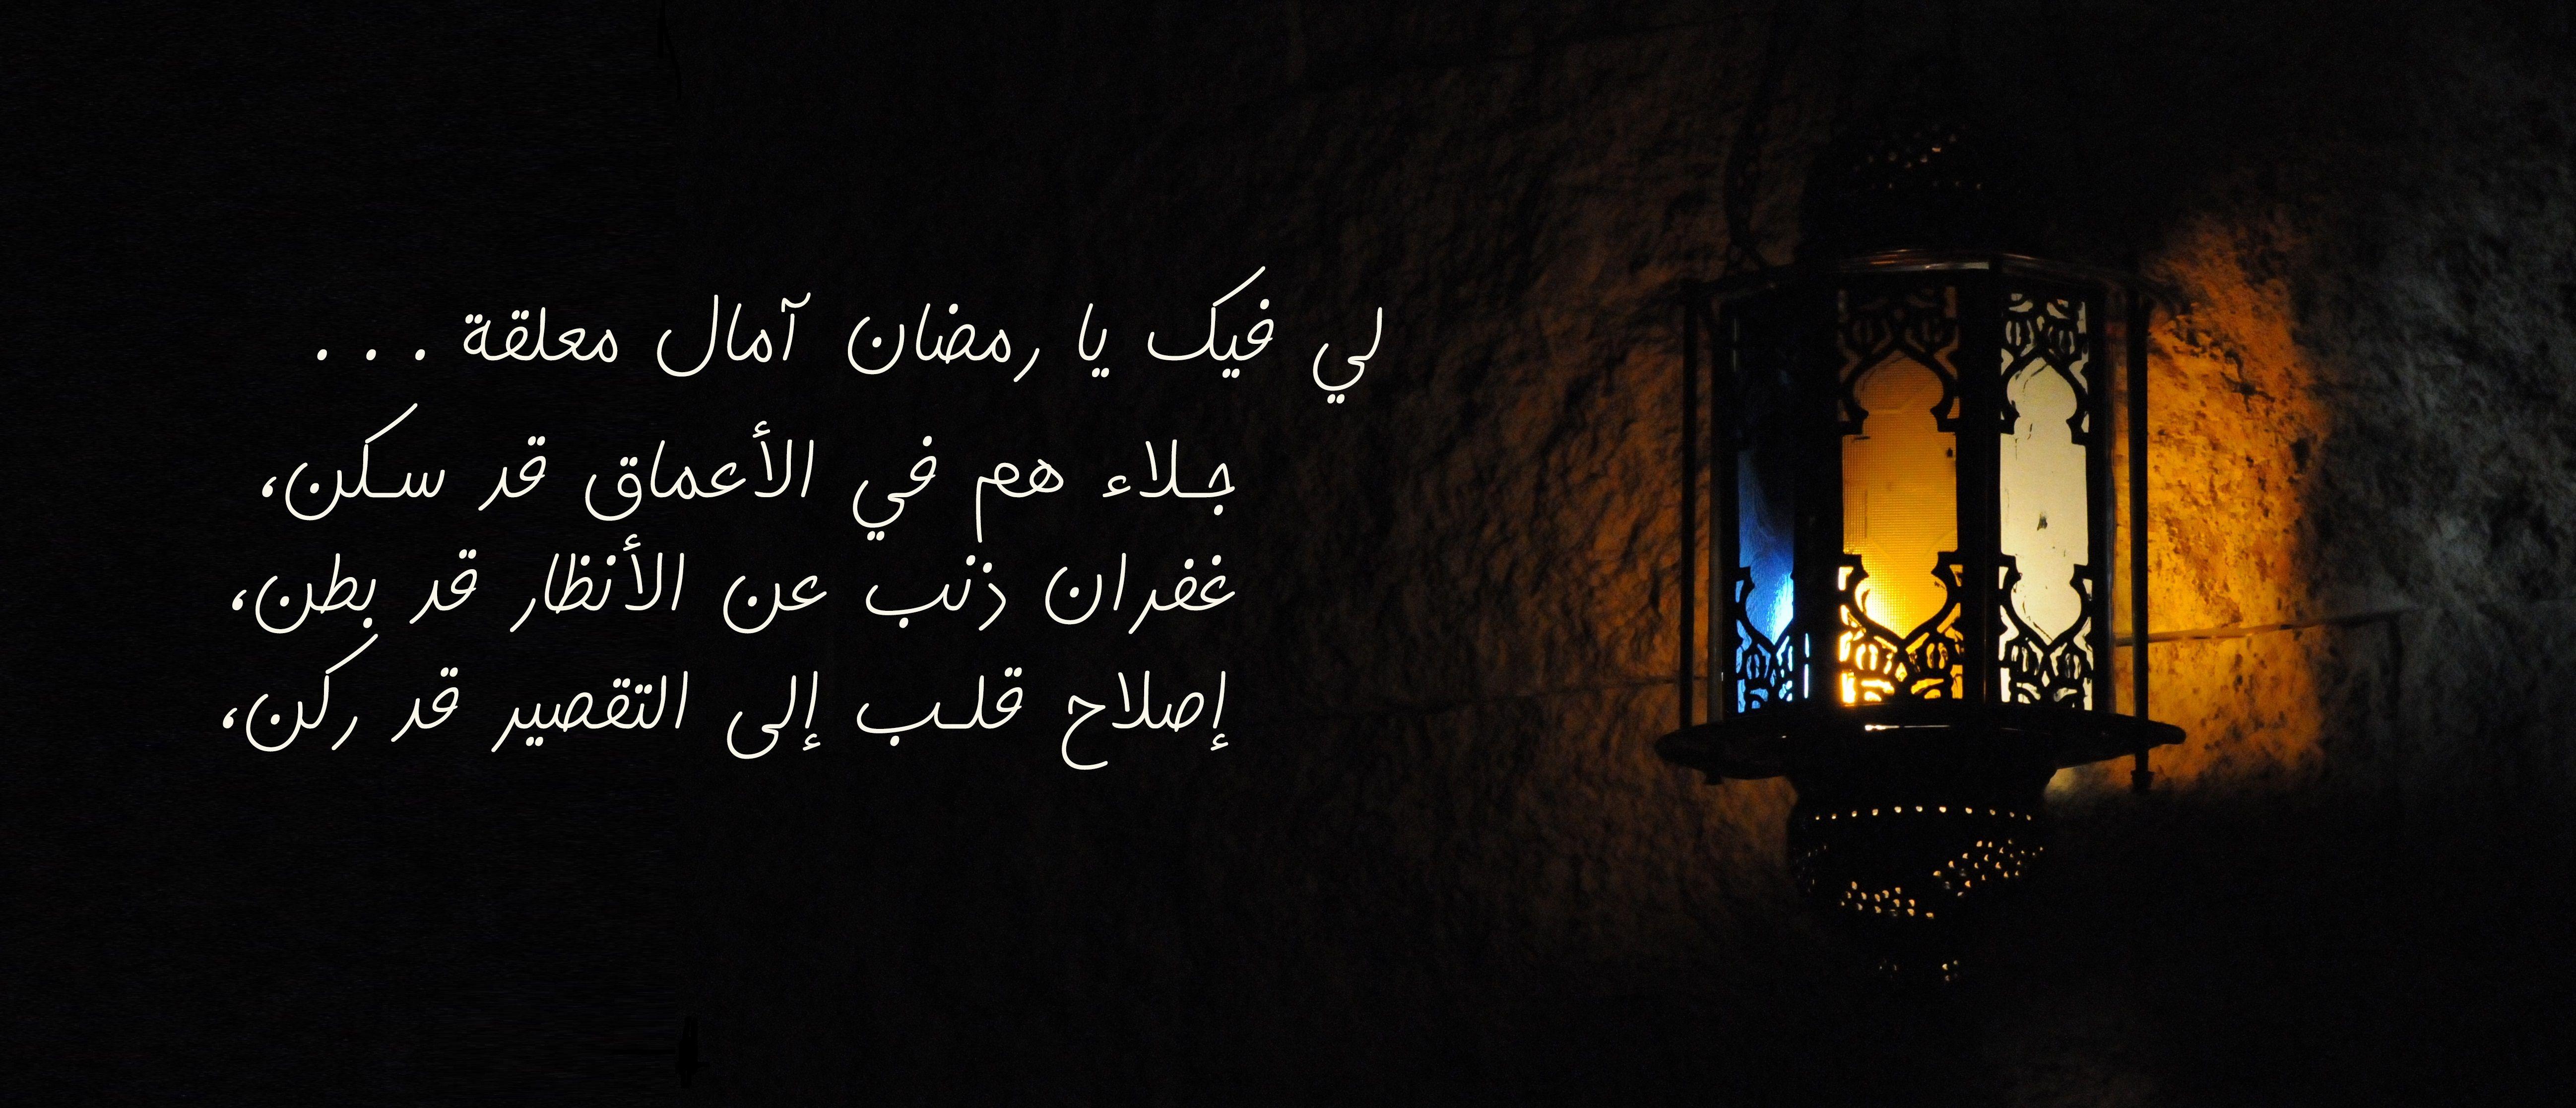 لي فيك يا رمضان أمال معلقة Movie Posters Poster Movies